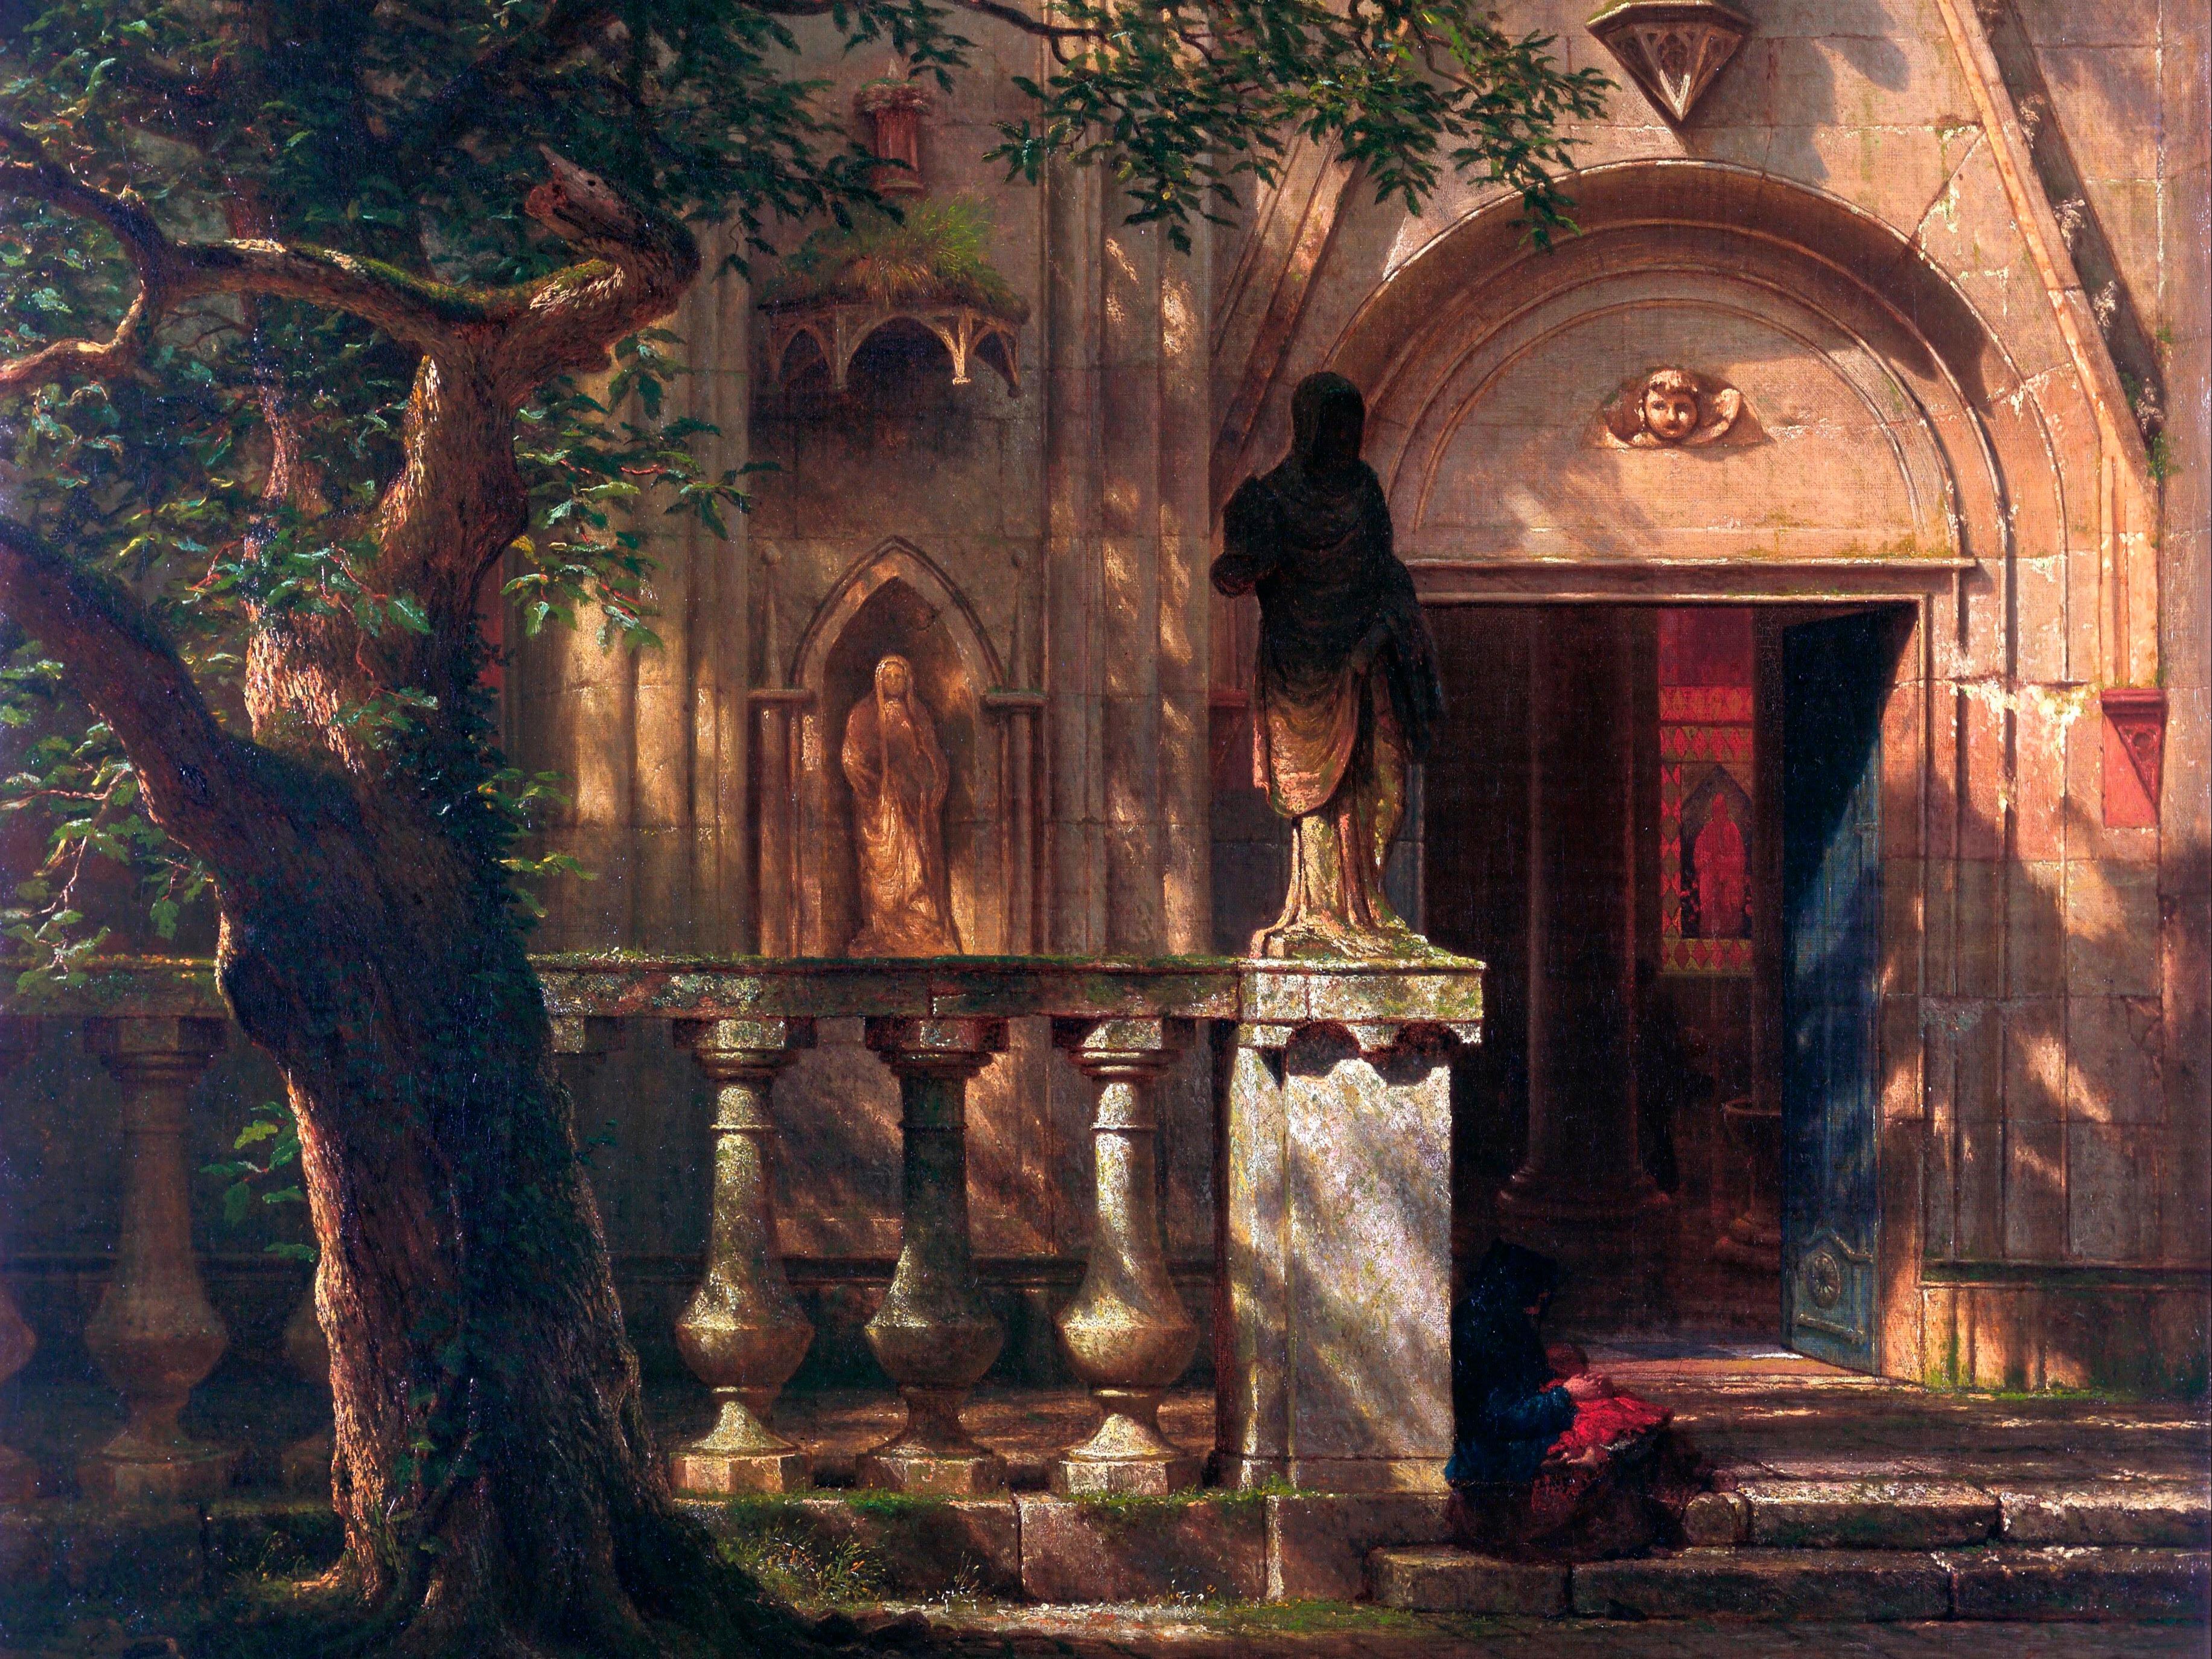 Albert Bierstadt, Sunlight and Shadow